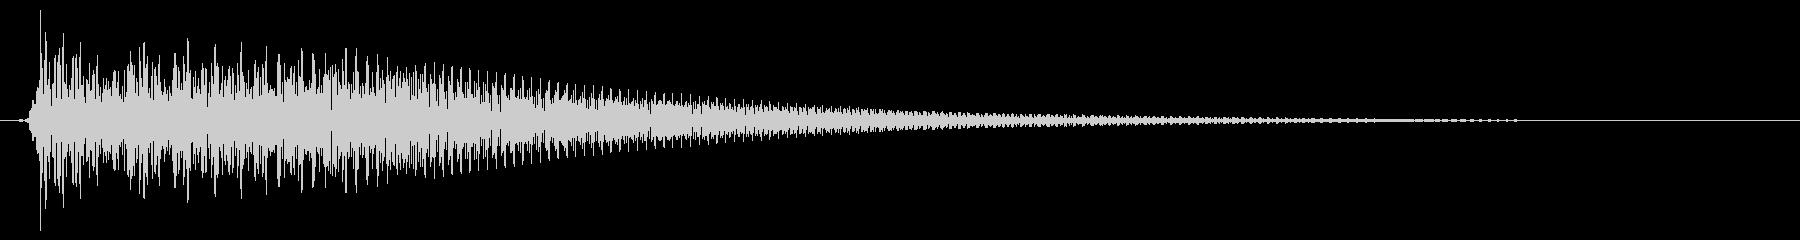 キュイン/シンセサイザー/SF系の未再生の波形